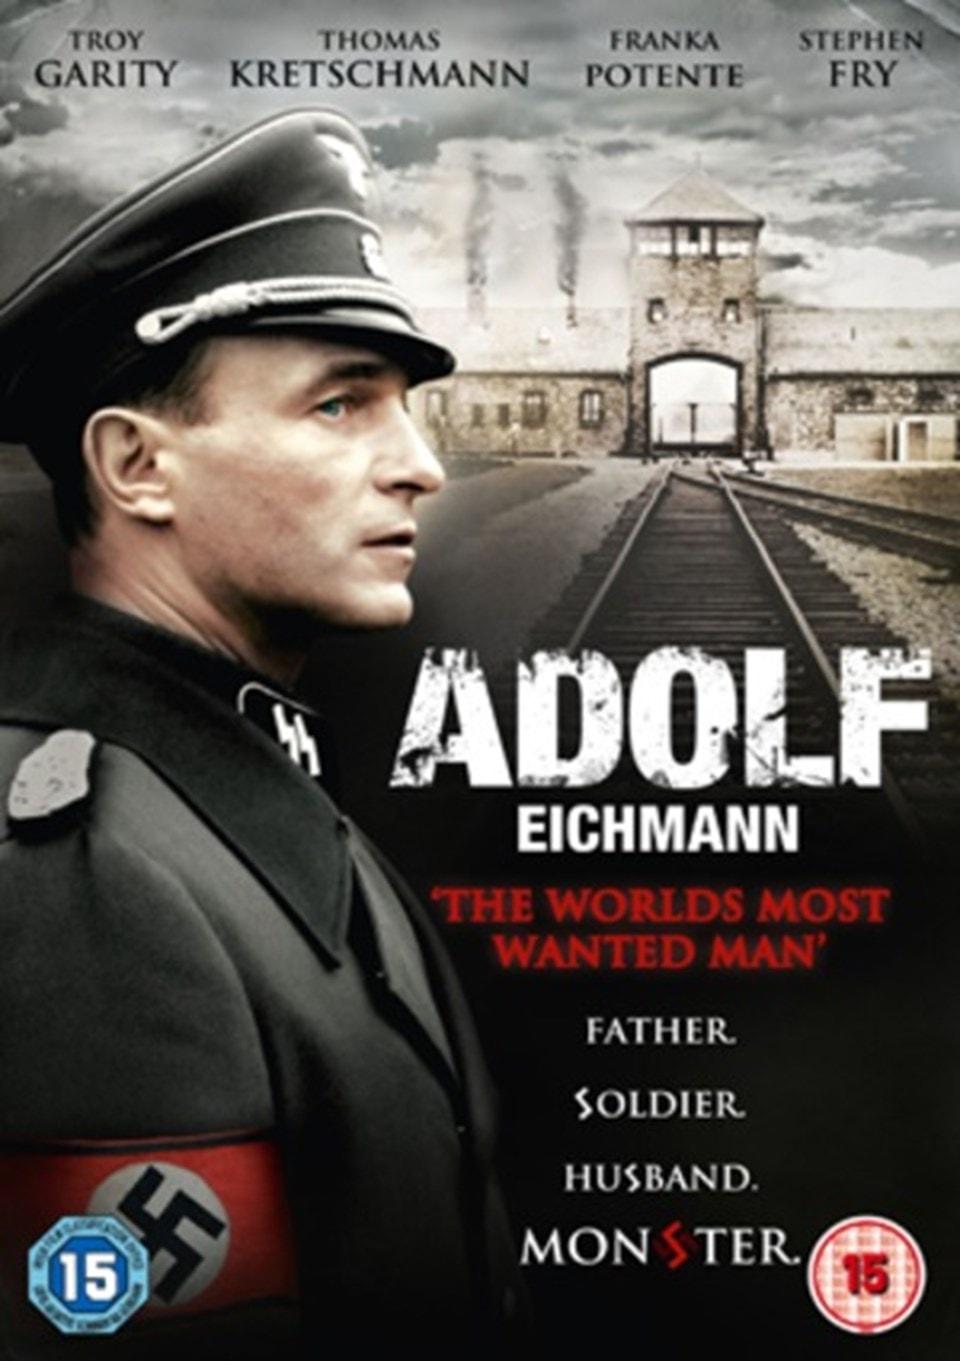 Adolf Eichmann - 1